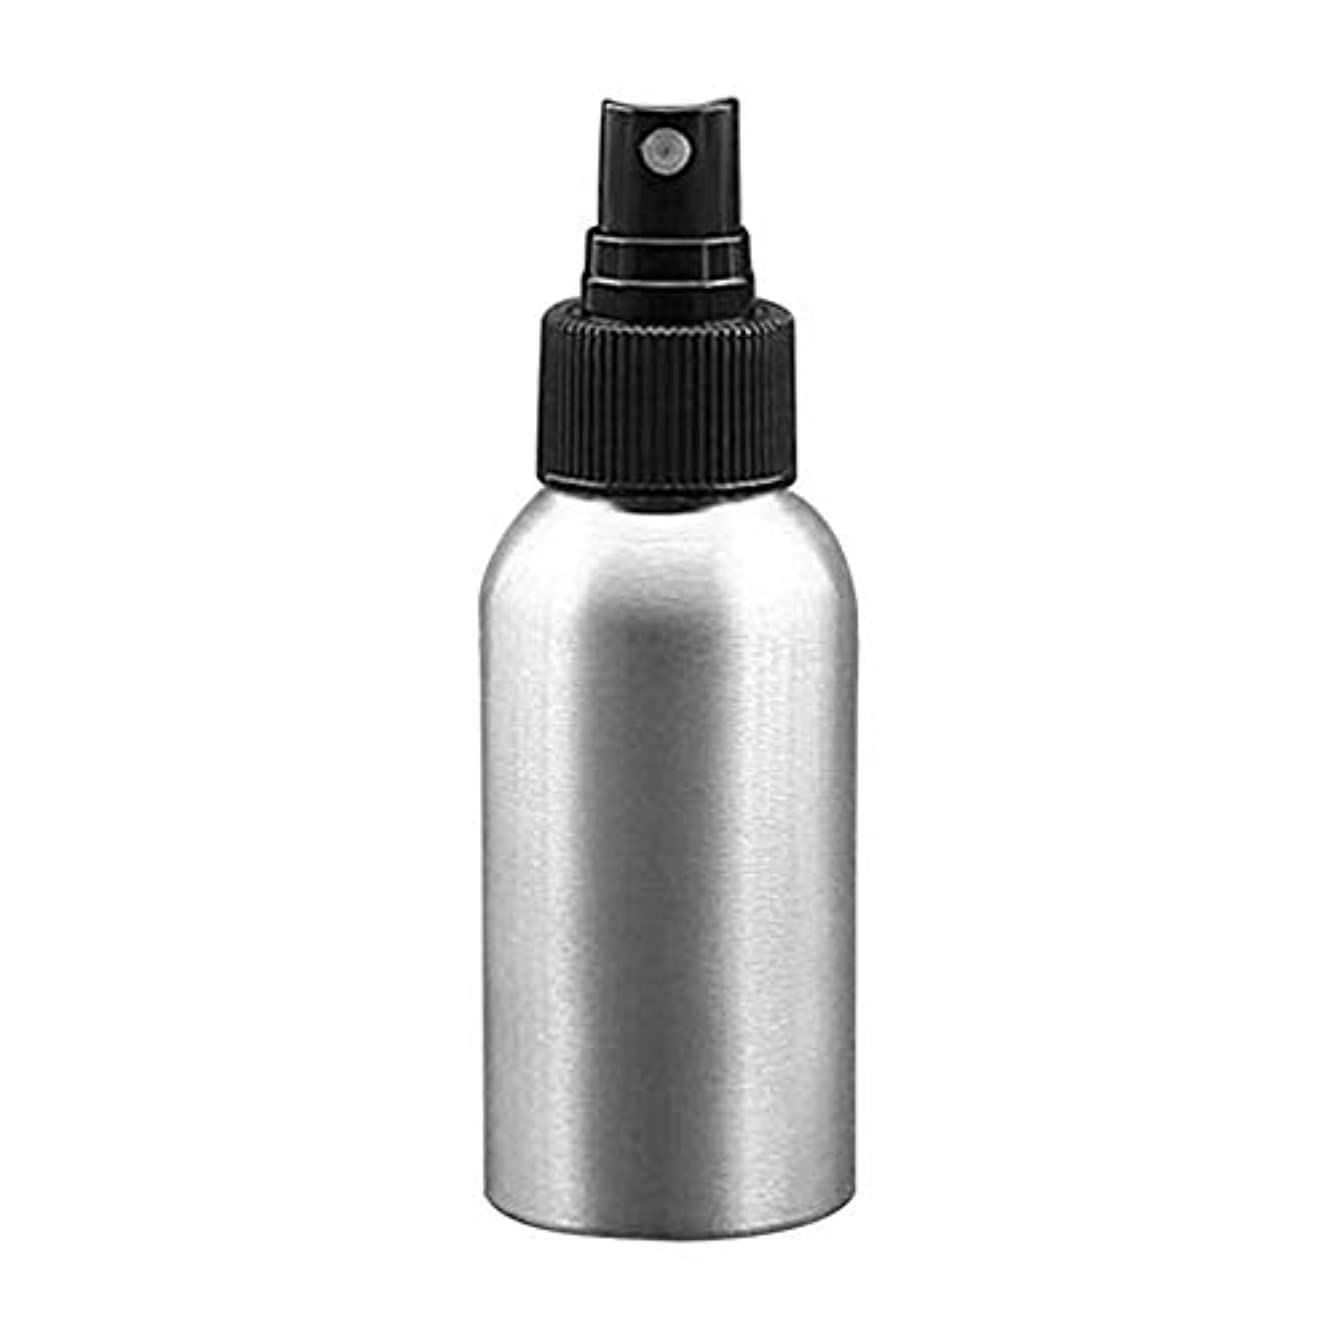 アルミスプレーボトル 小分けボトル トラベルボトル 美容ボトル 霧吹き ガラスボトル 漏れ防止 化粧水 美容液 遮光 化粧品ボトル おしゃれ 精製水 詰替ボトル 詰め替え ミニ 携帯便利 軽量 旅行用 アルミニウム